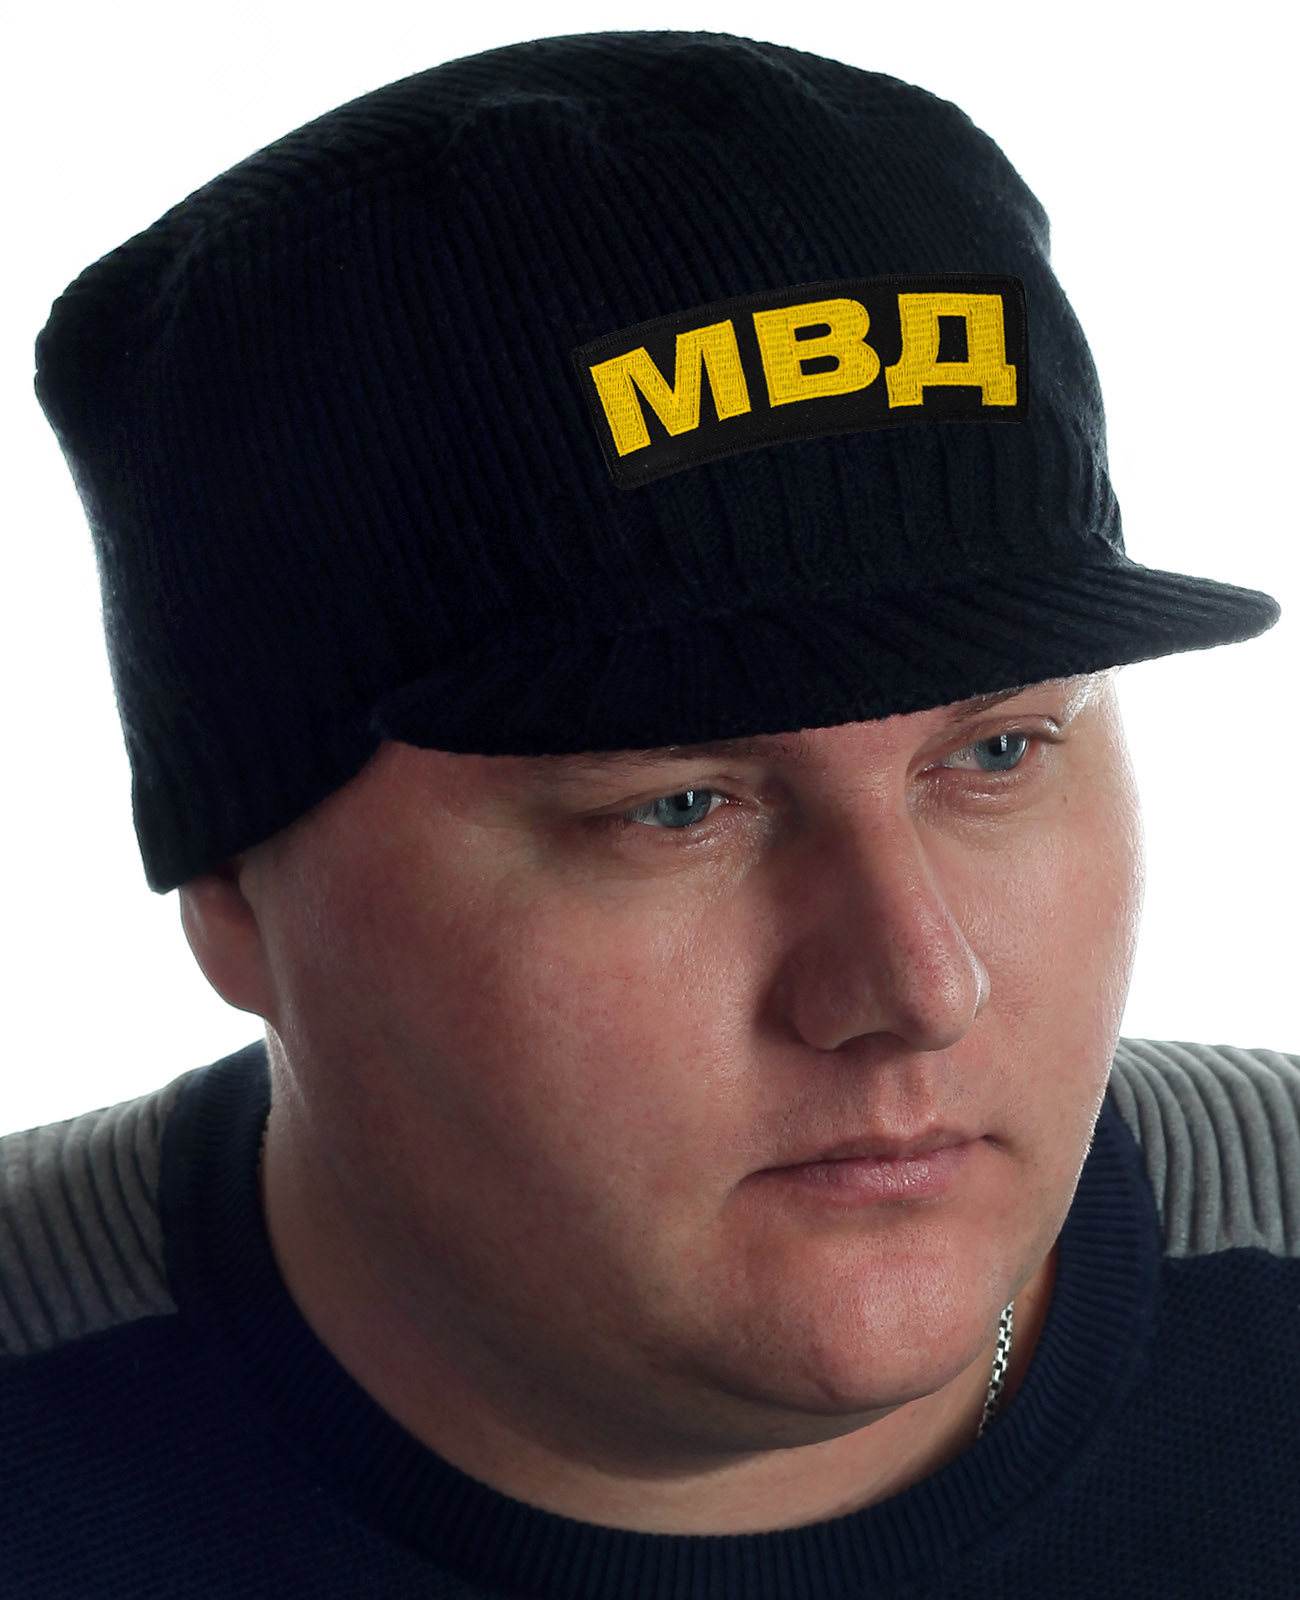 Купить демисезонную шапку-кепку МВД от бренда Miller с доставкой в ваш город